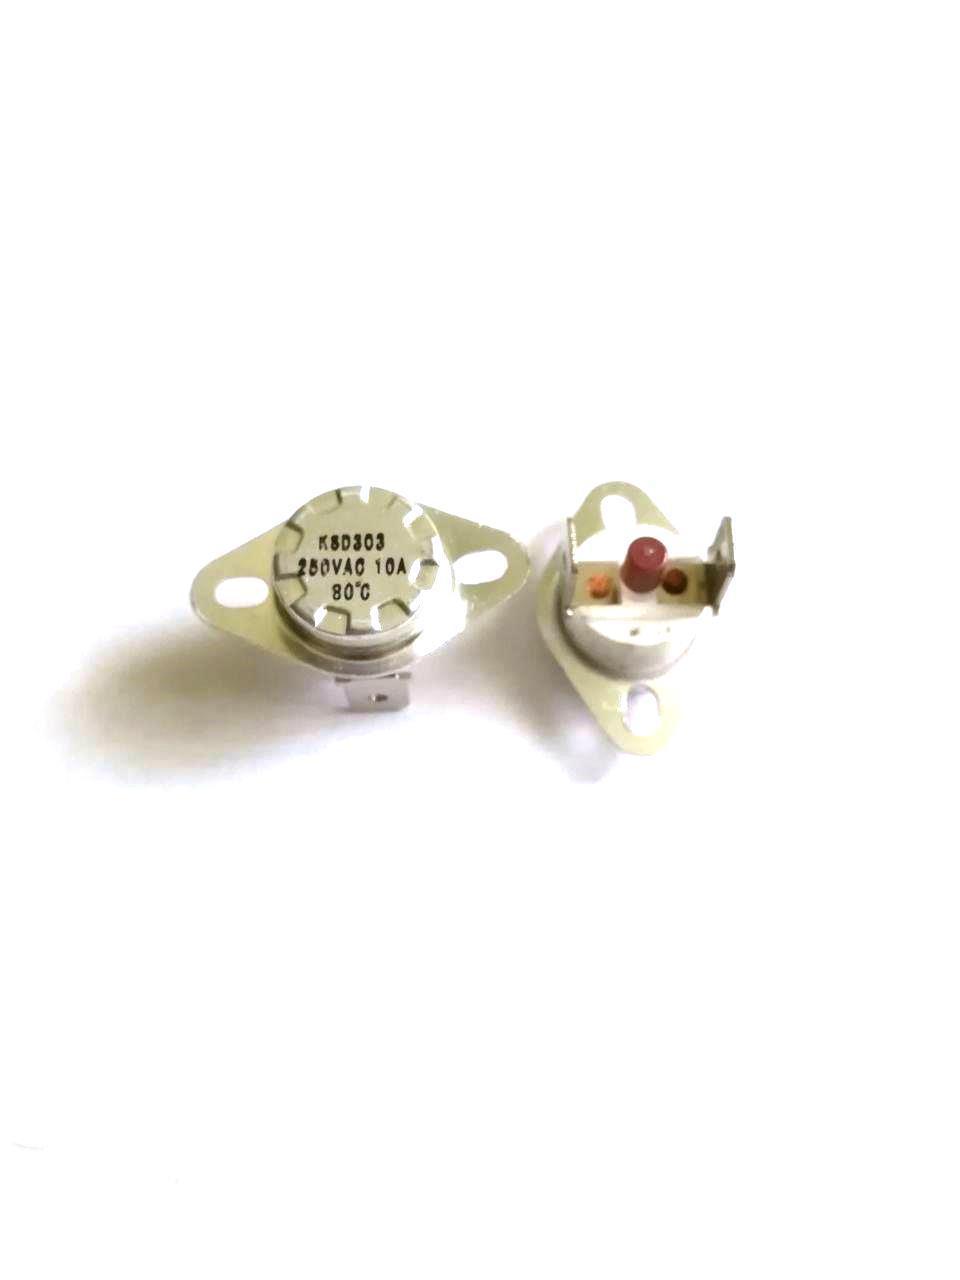 Термоотсекатель KSD303 аварийный / 250V / 10A / на 80°